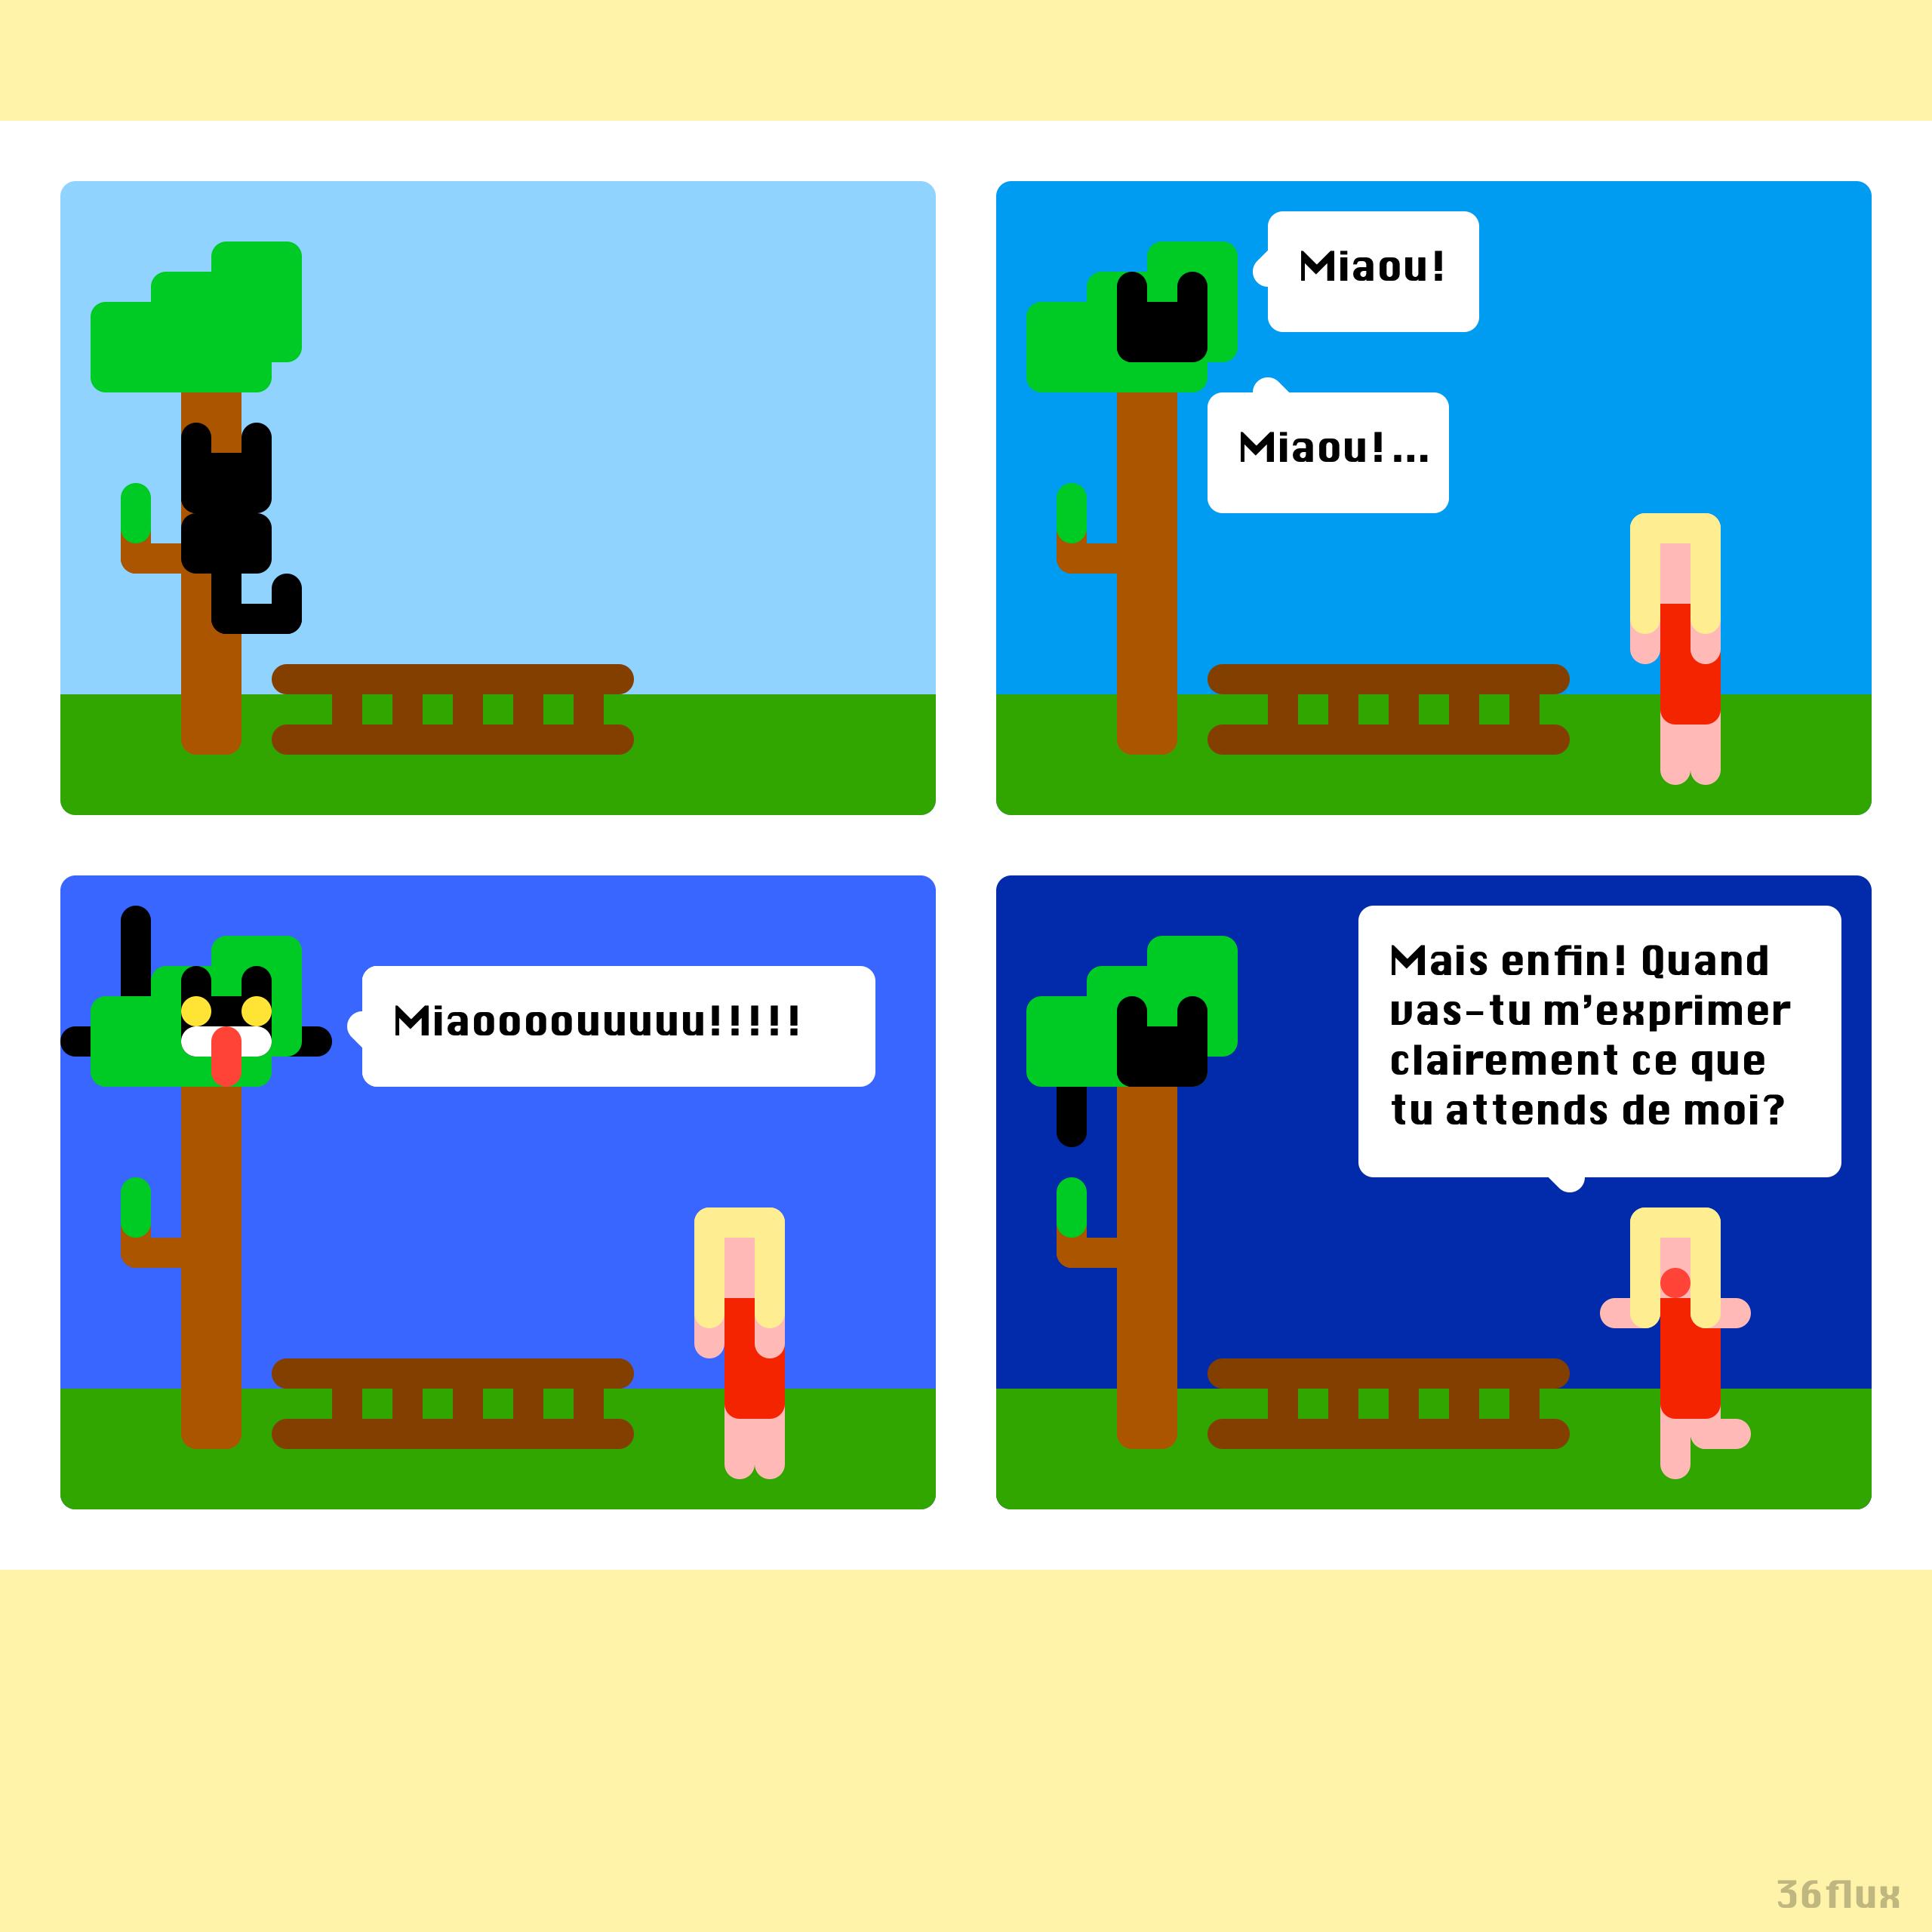 webcomics chat